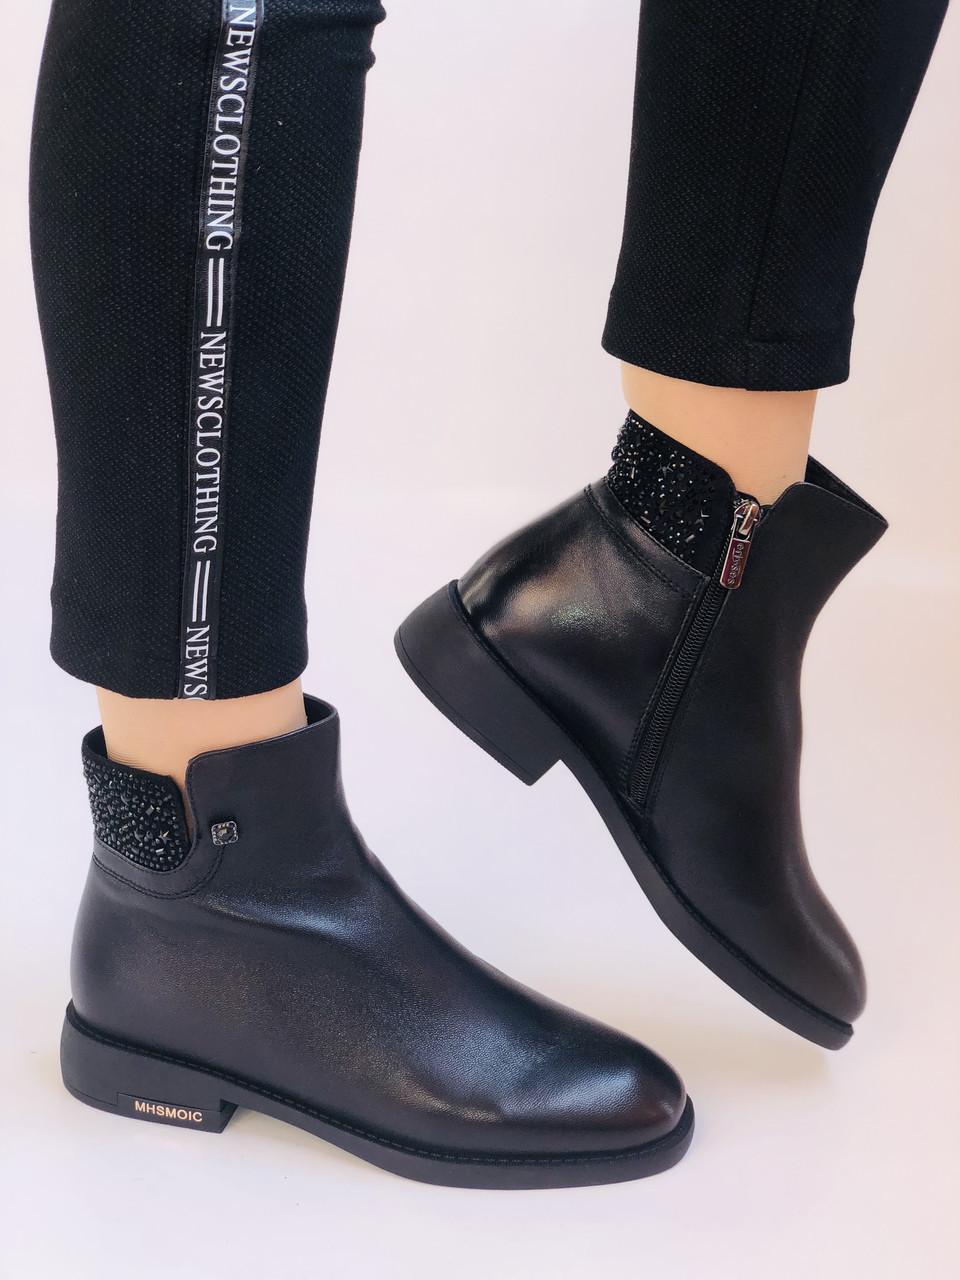 Erisses. Жіночі черевики. На маленькому підборах. Натуральна шкіра. Висока якість. Р. 36,37,39. Vellena